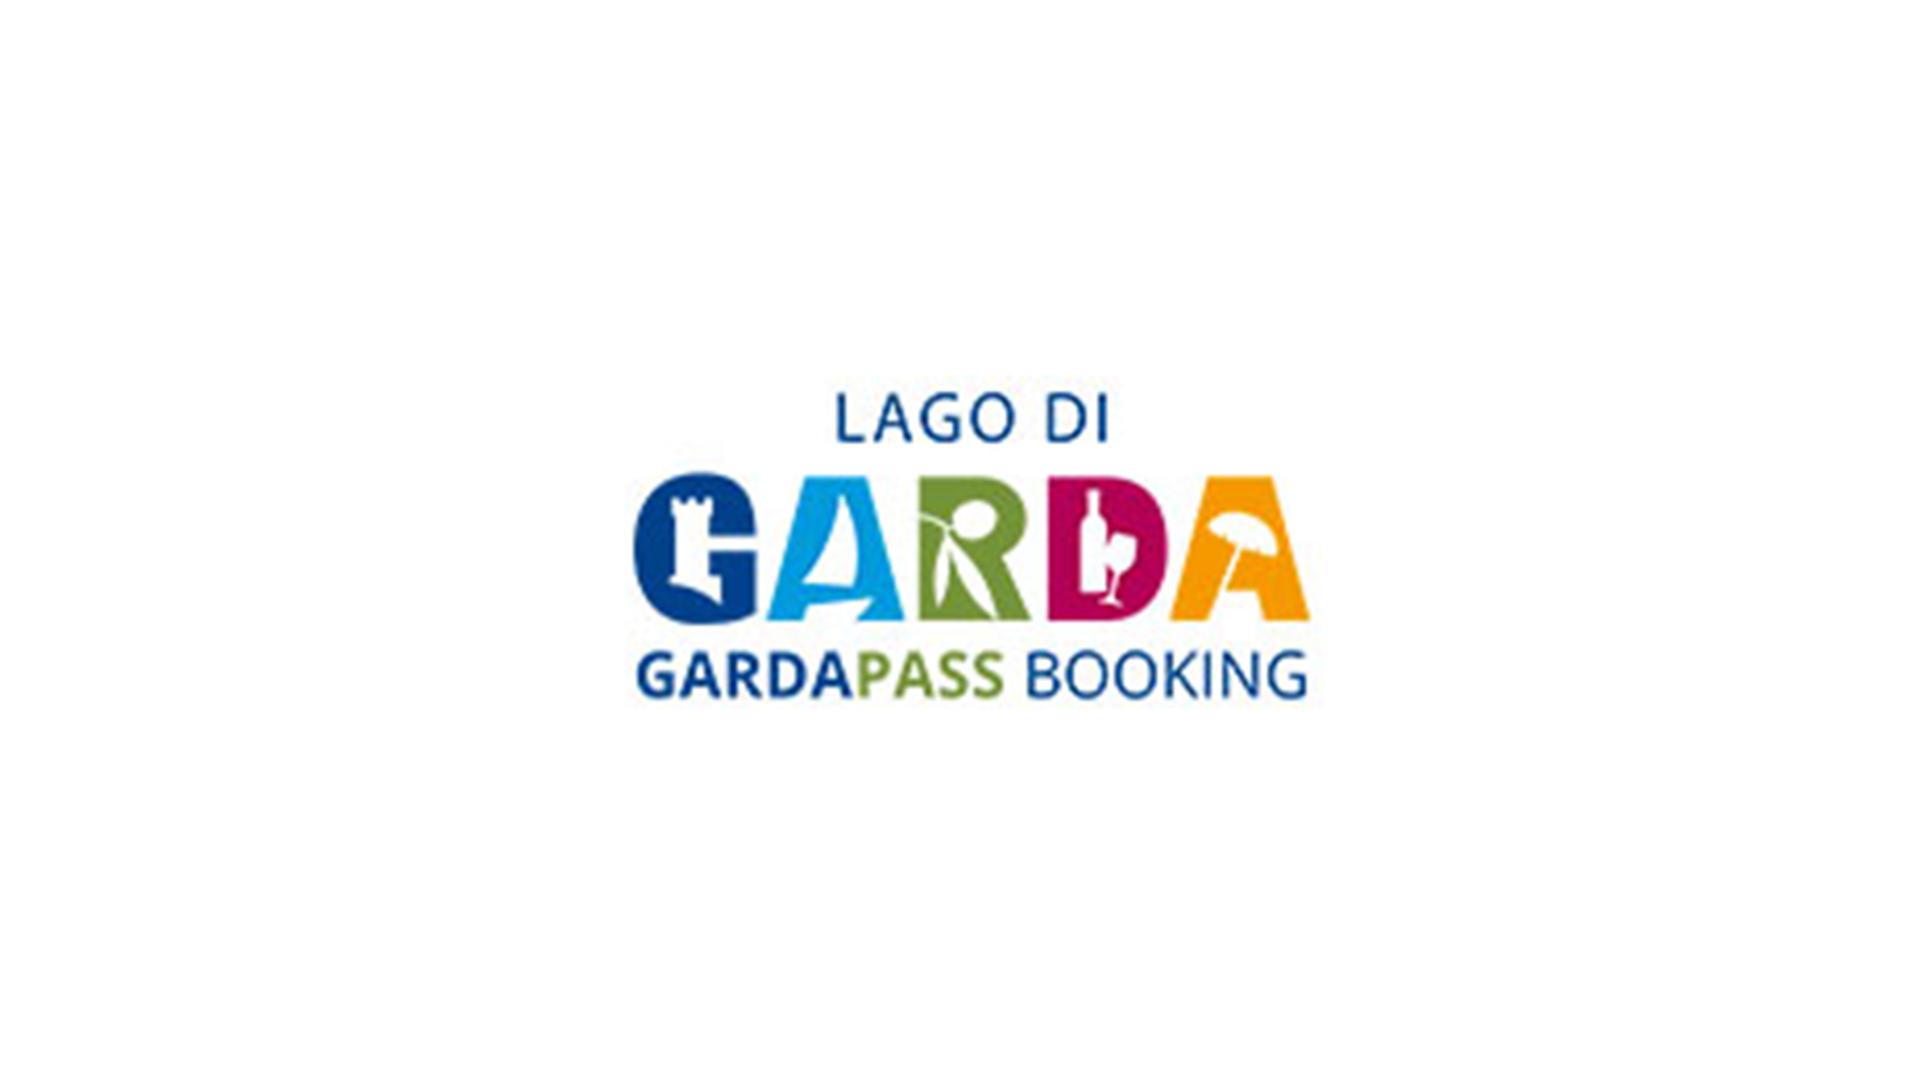 GardaPass